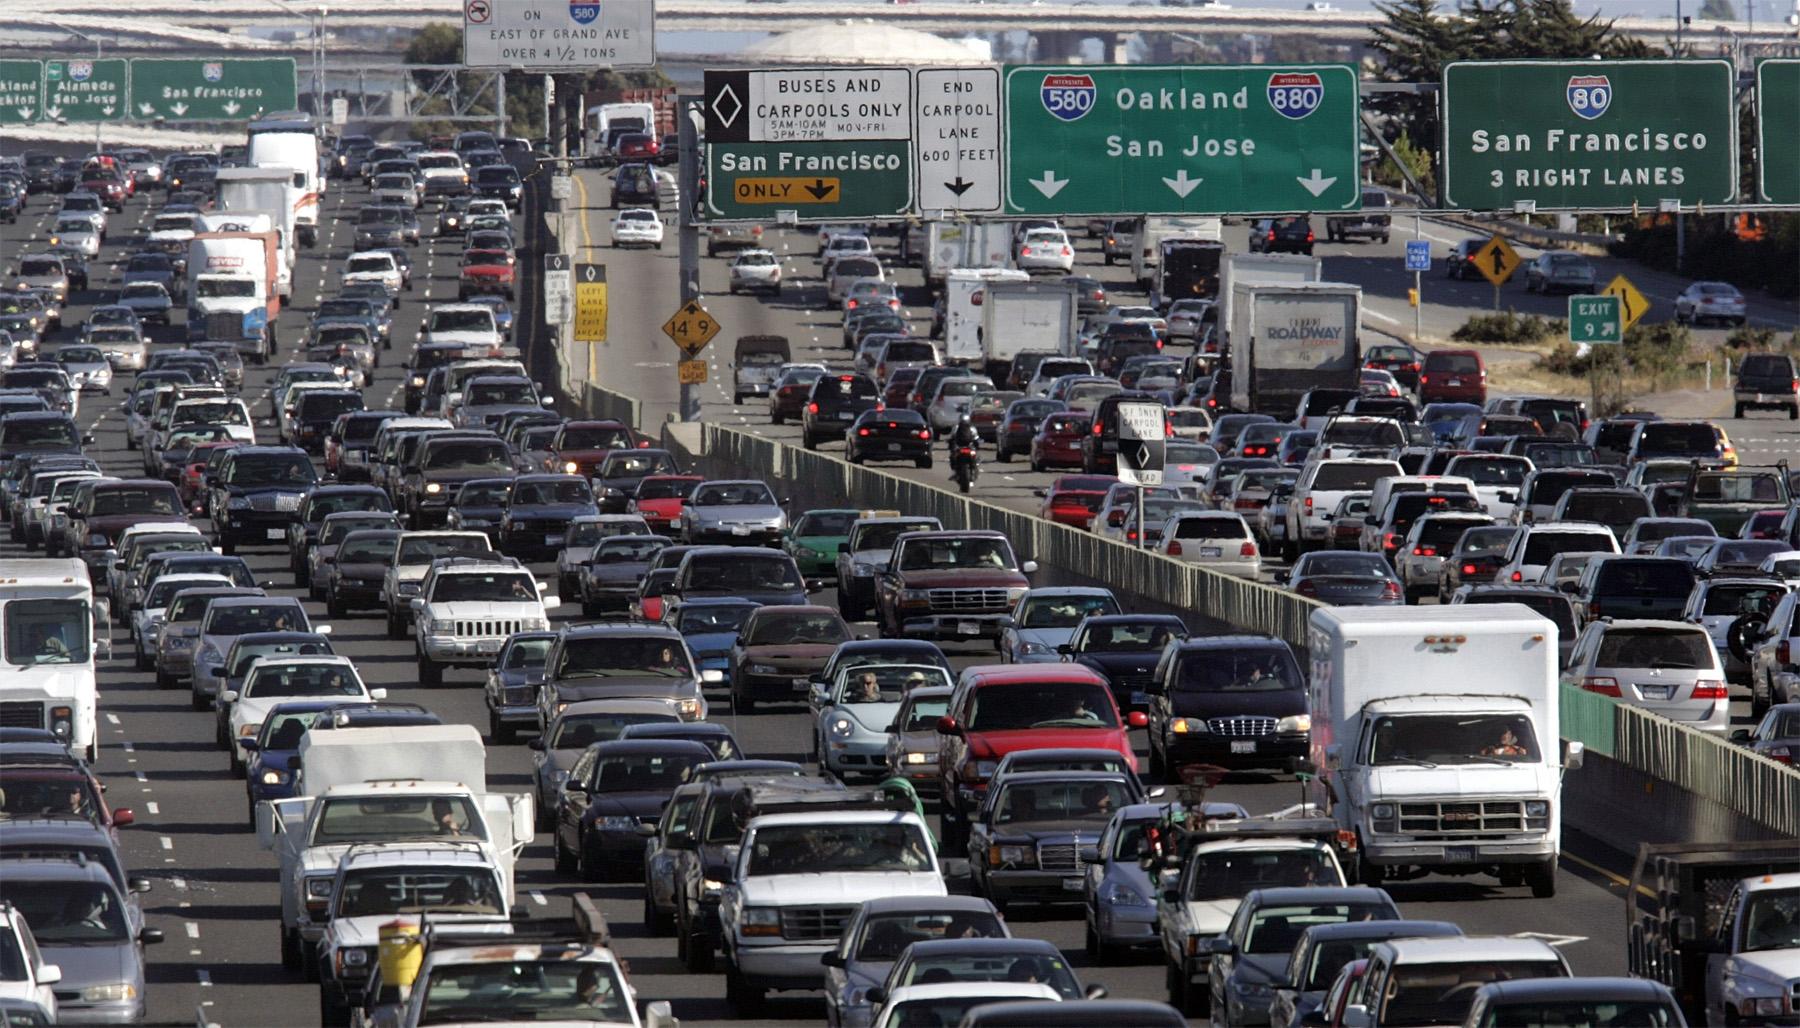 Перевод Удаленная работа с начала коронавируса сэкономила американцам 91 млрд на транспорте, или около 2000 на человека